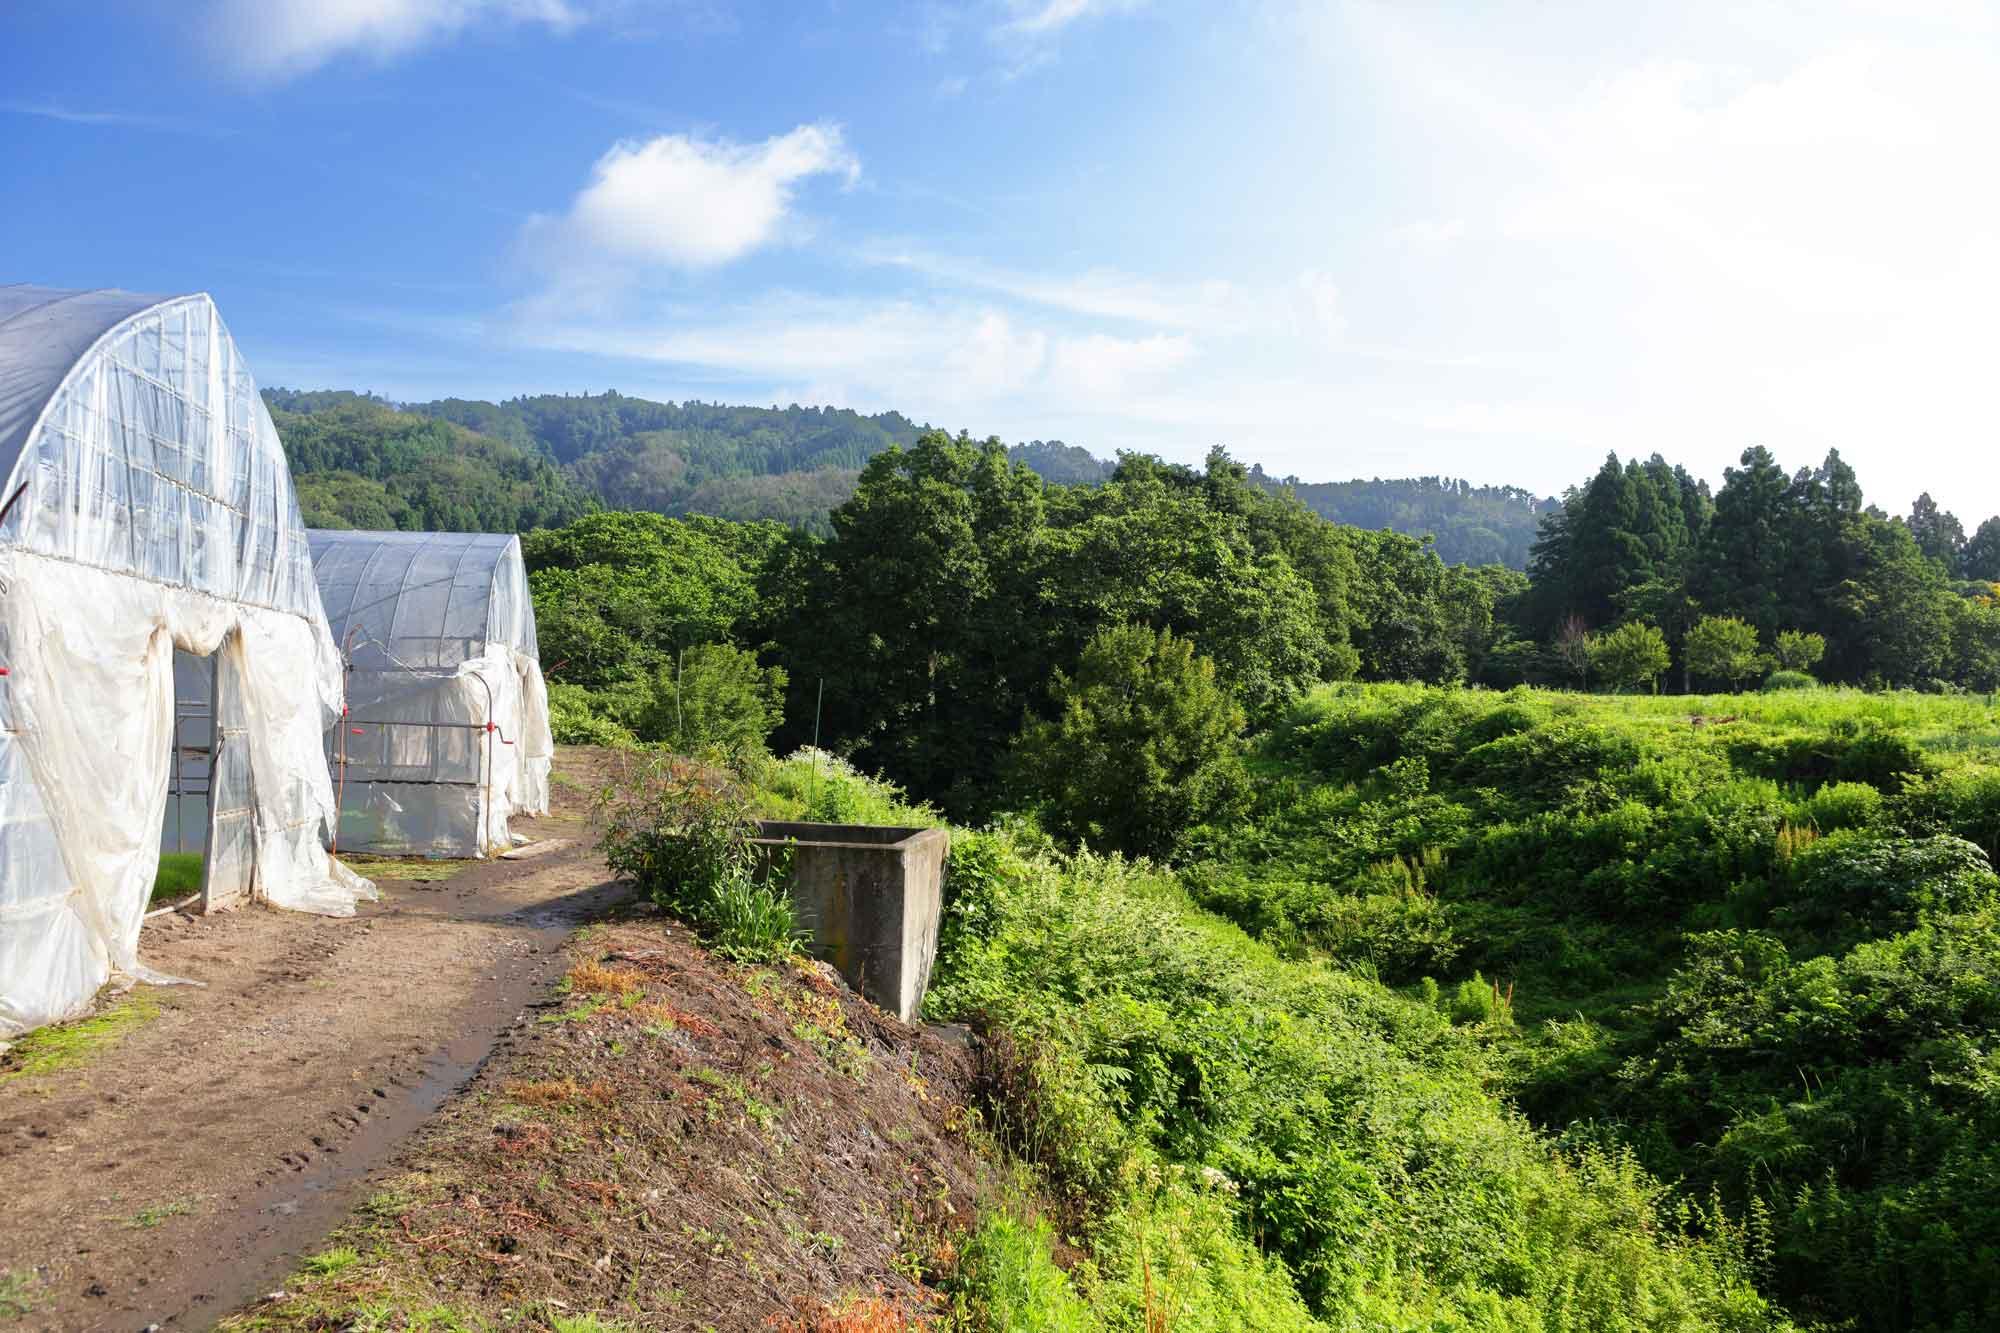 山形県アンテナショップおいしい山形 素材を訪ねて|おかひじき:                 山々に抱かれるような立地の横沢農園。すぐそばには小川も。